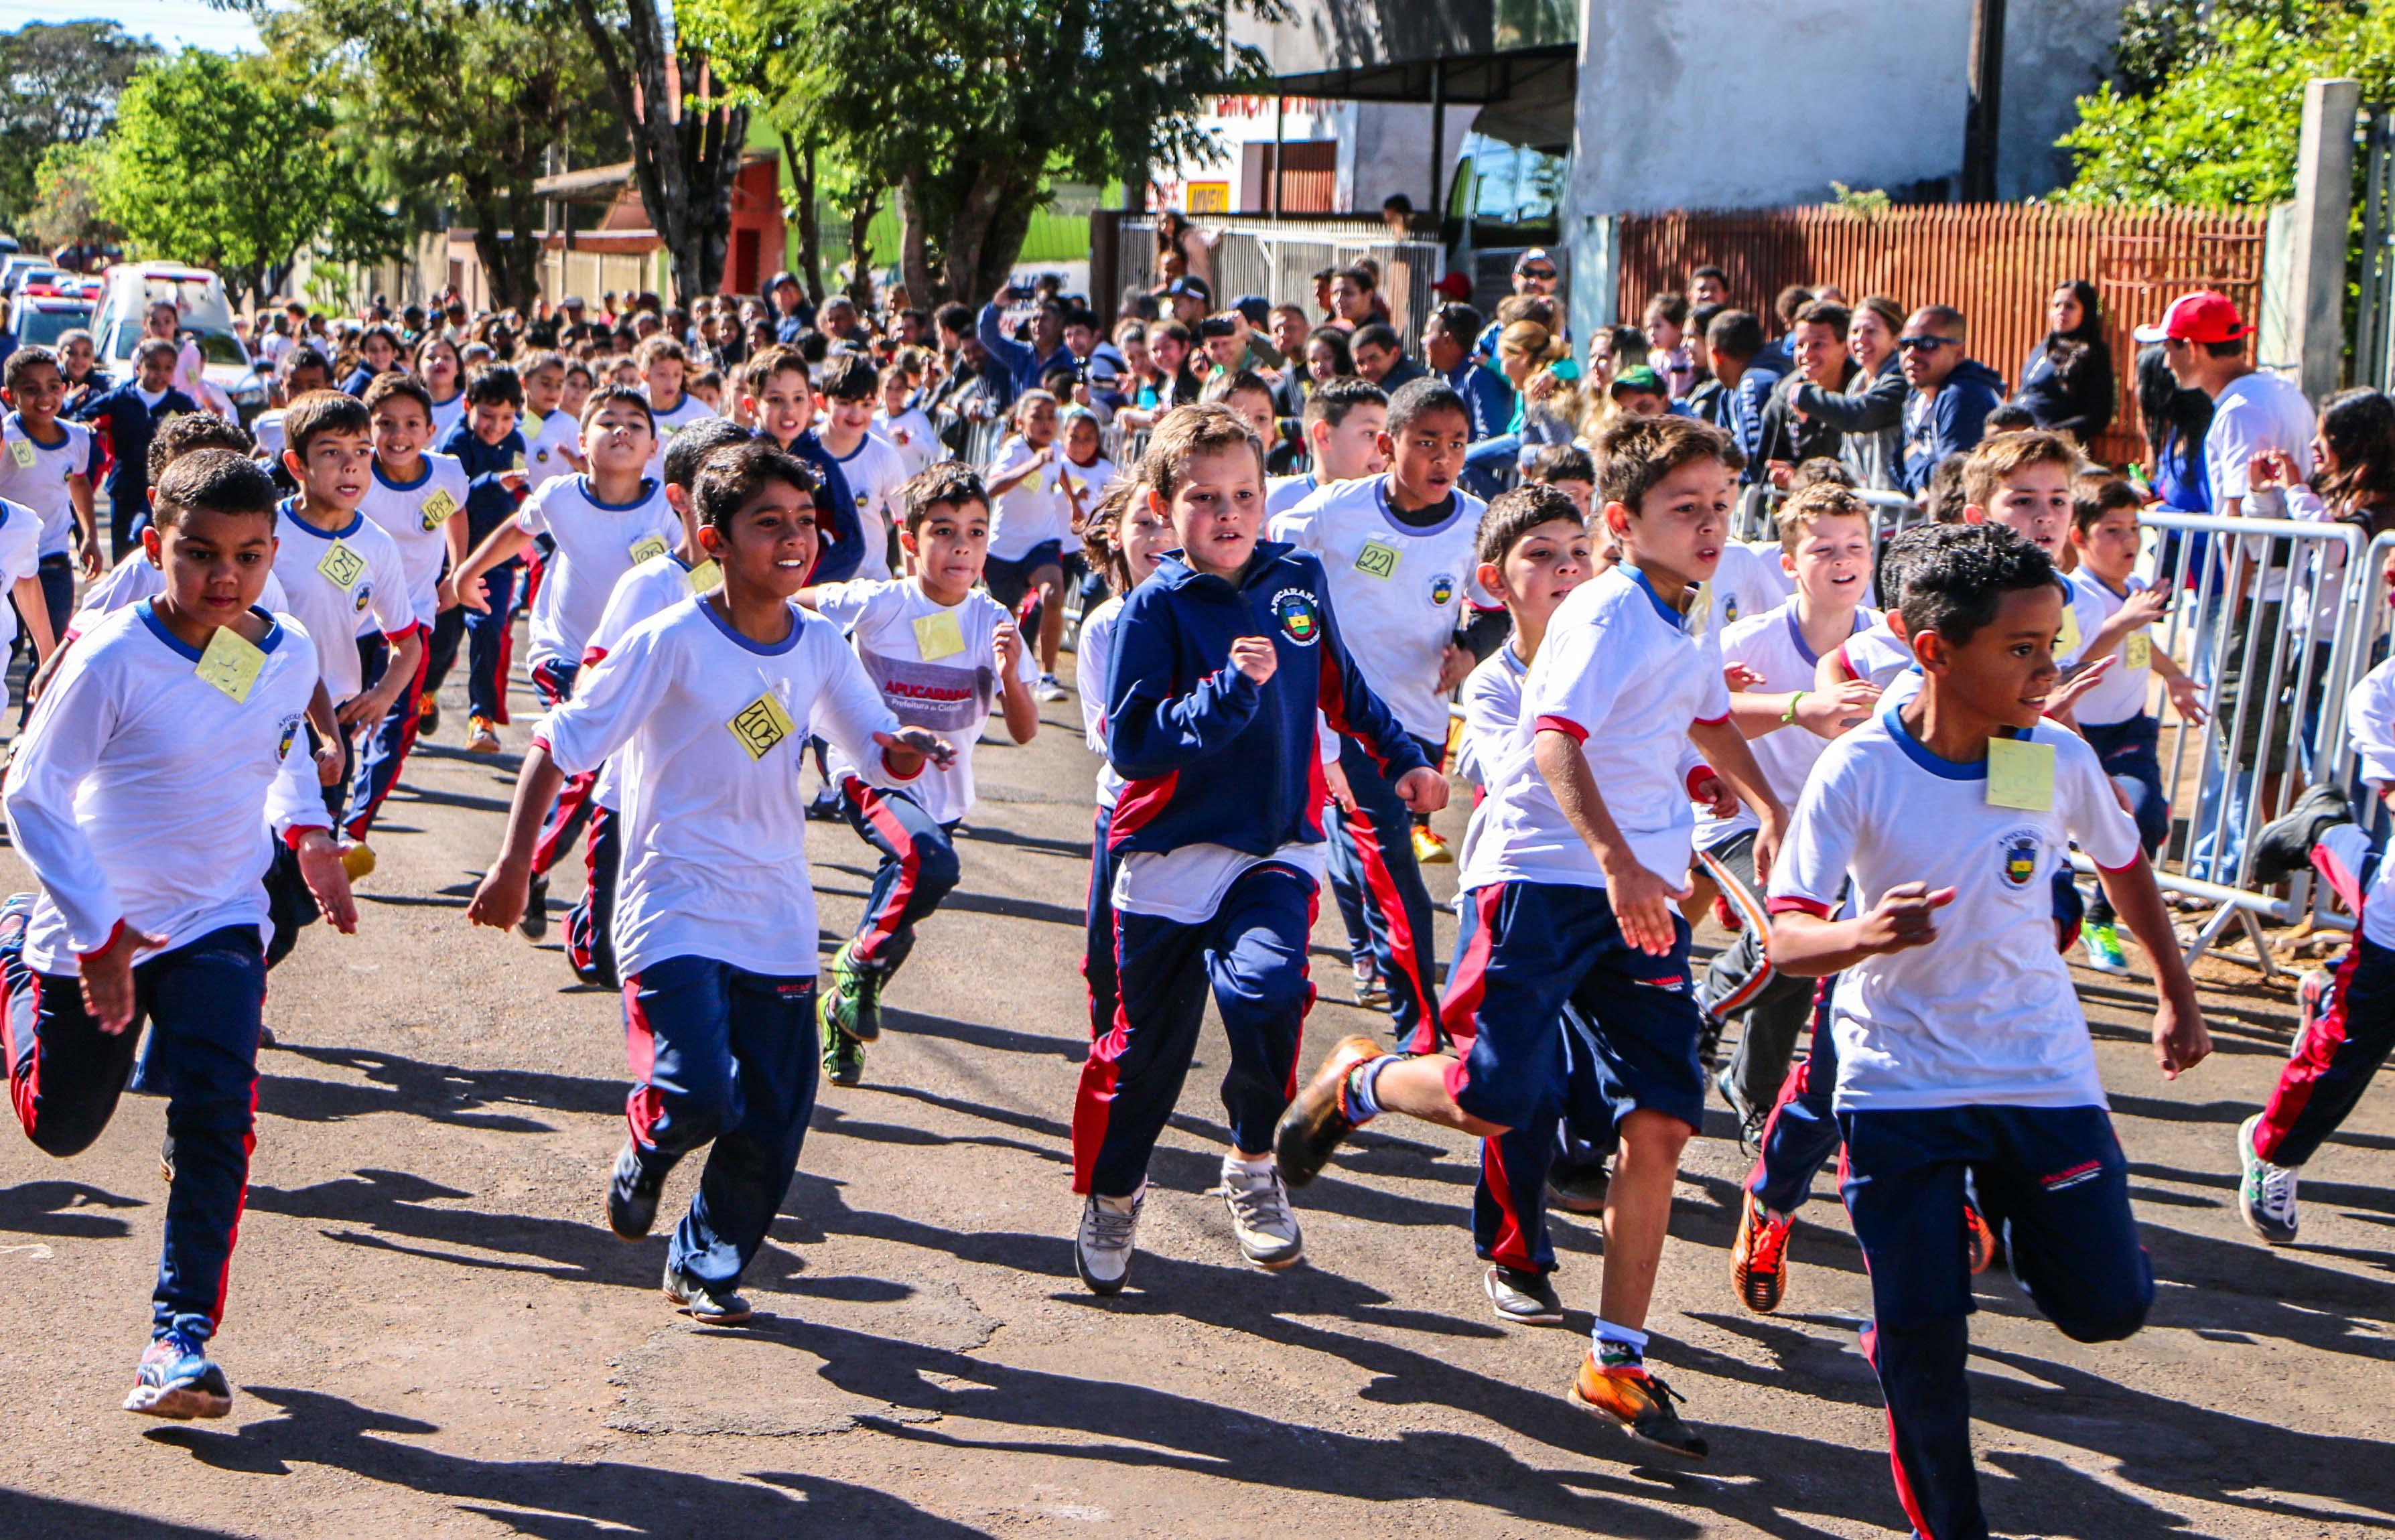 Corrida de rua reúne 400 crianças das escolas municipais  no Jardim Ponta Grossa